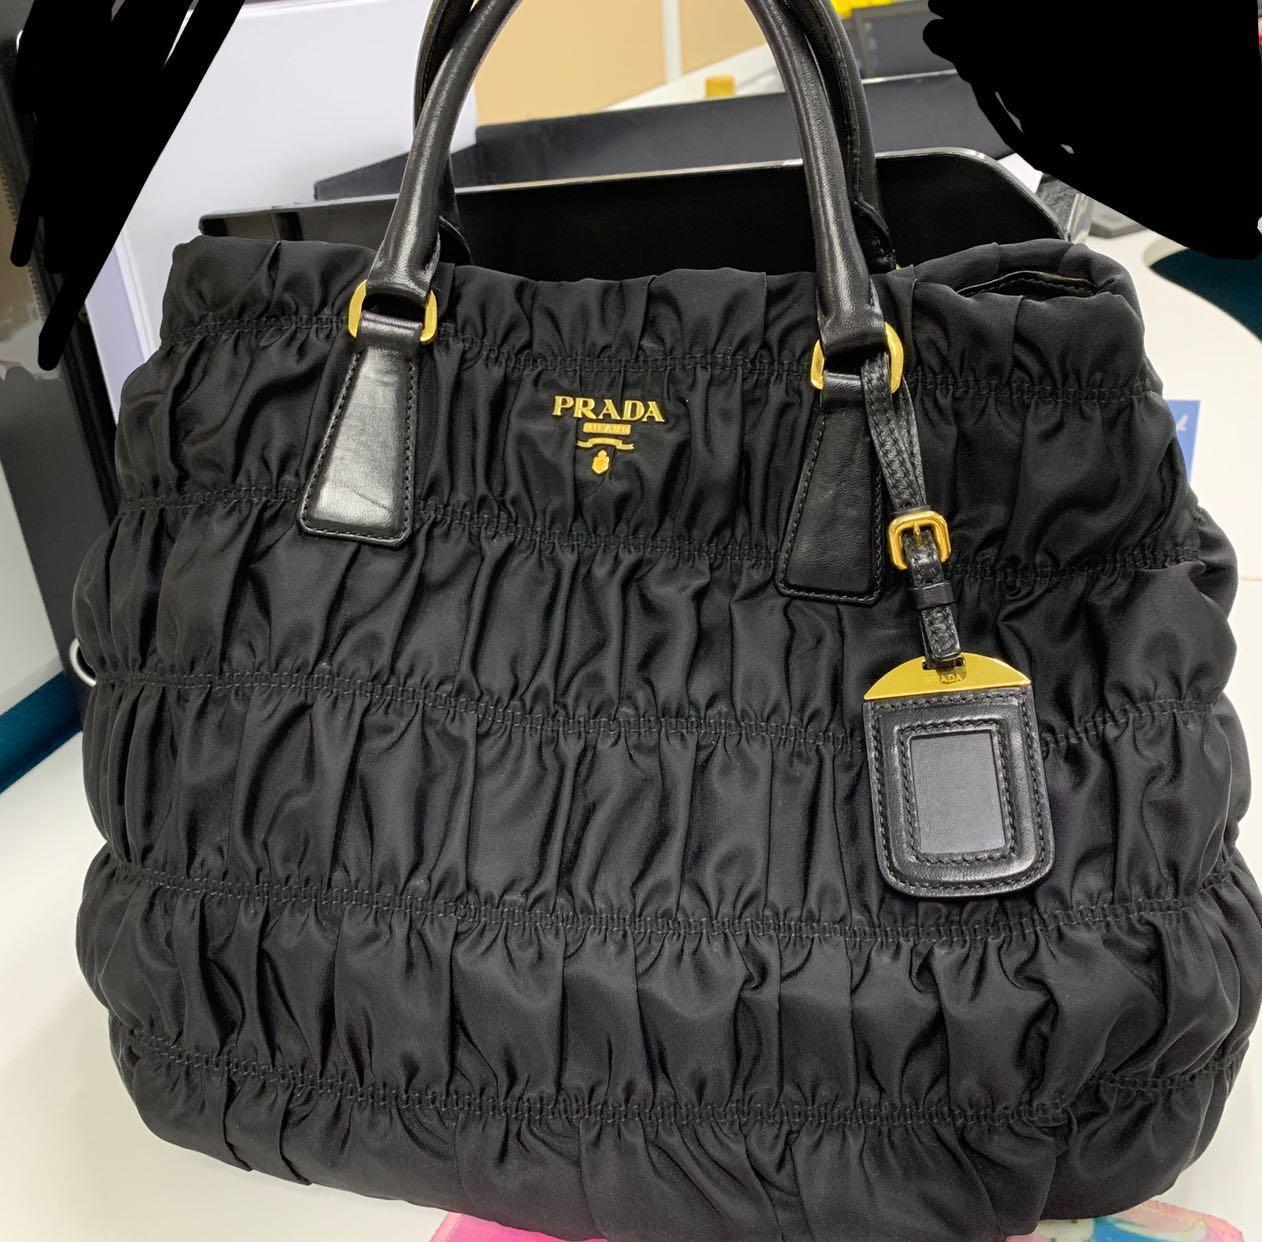 1ffae843092b2d Prada tessuto bag , Women's Fashion, Bags & Wallets, Handbags on ...